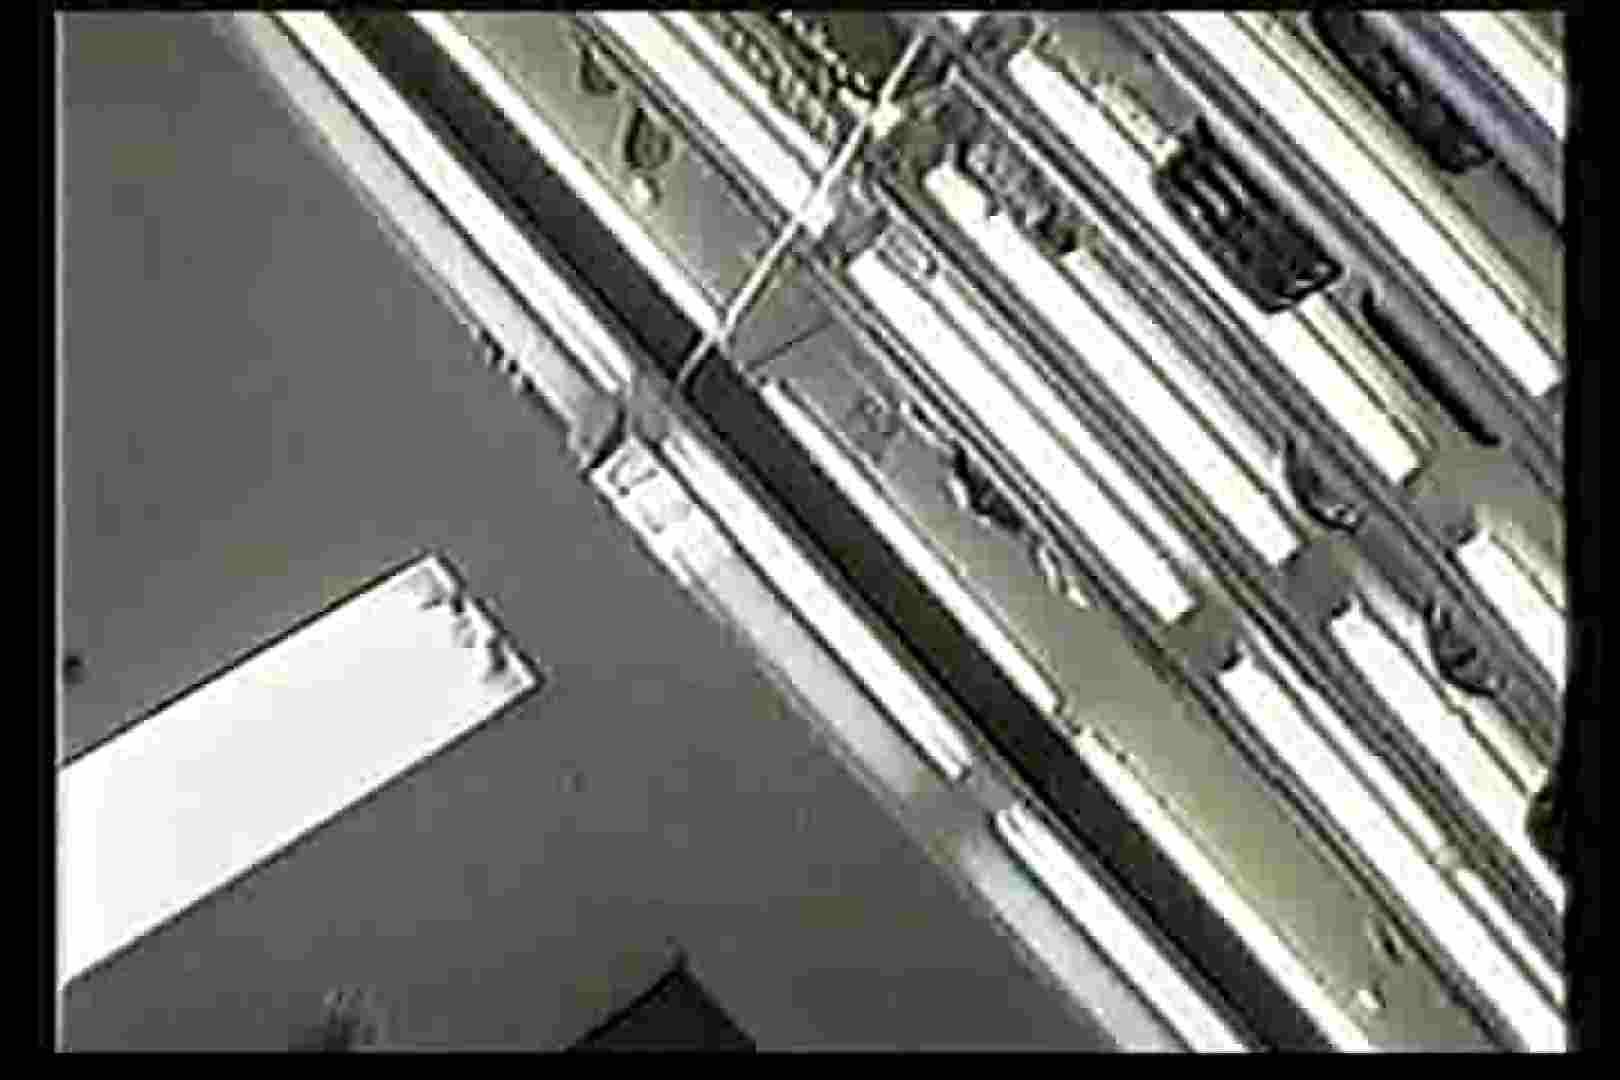 院内密着!看護婦達の下半身事情Vol.2 覗き 性交動画流出 105PIX 95